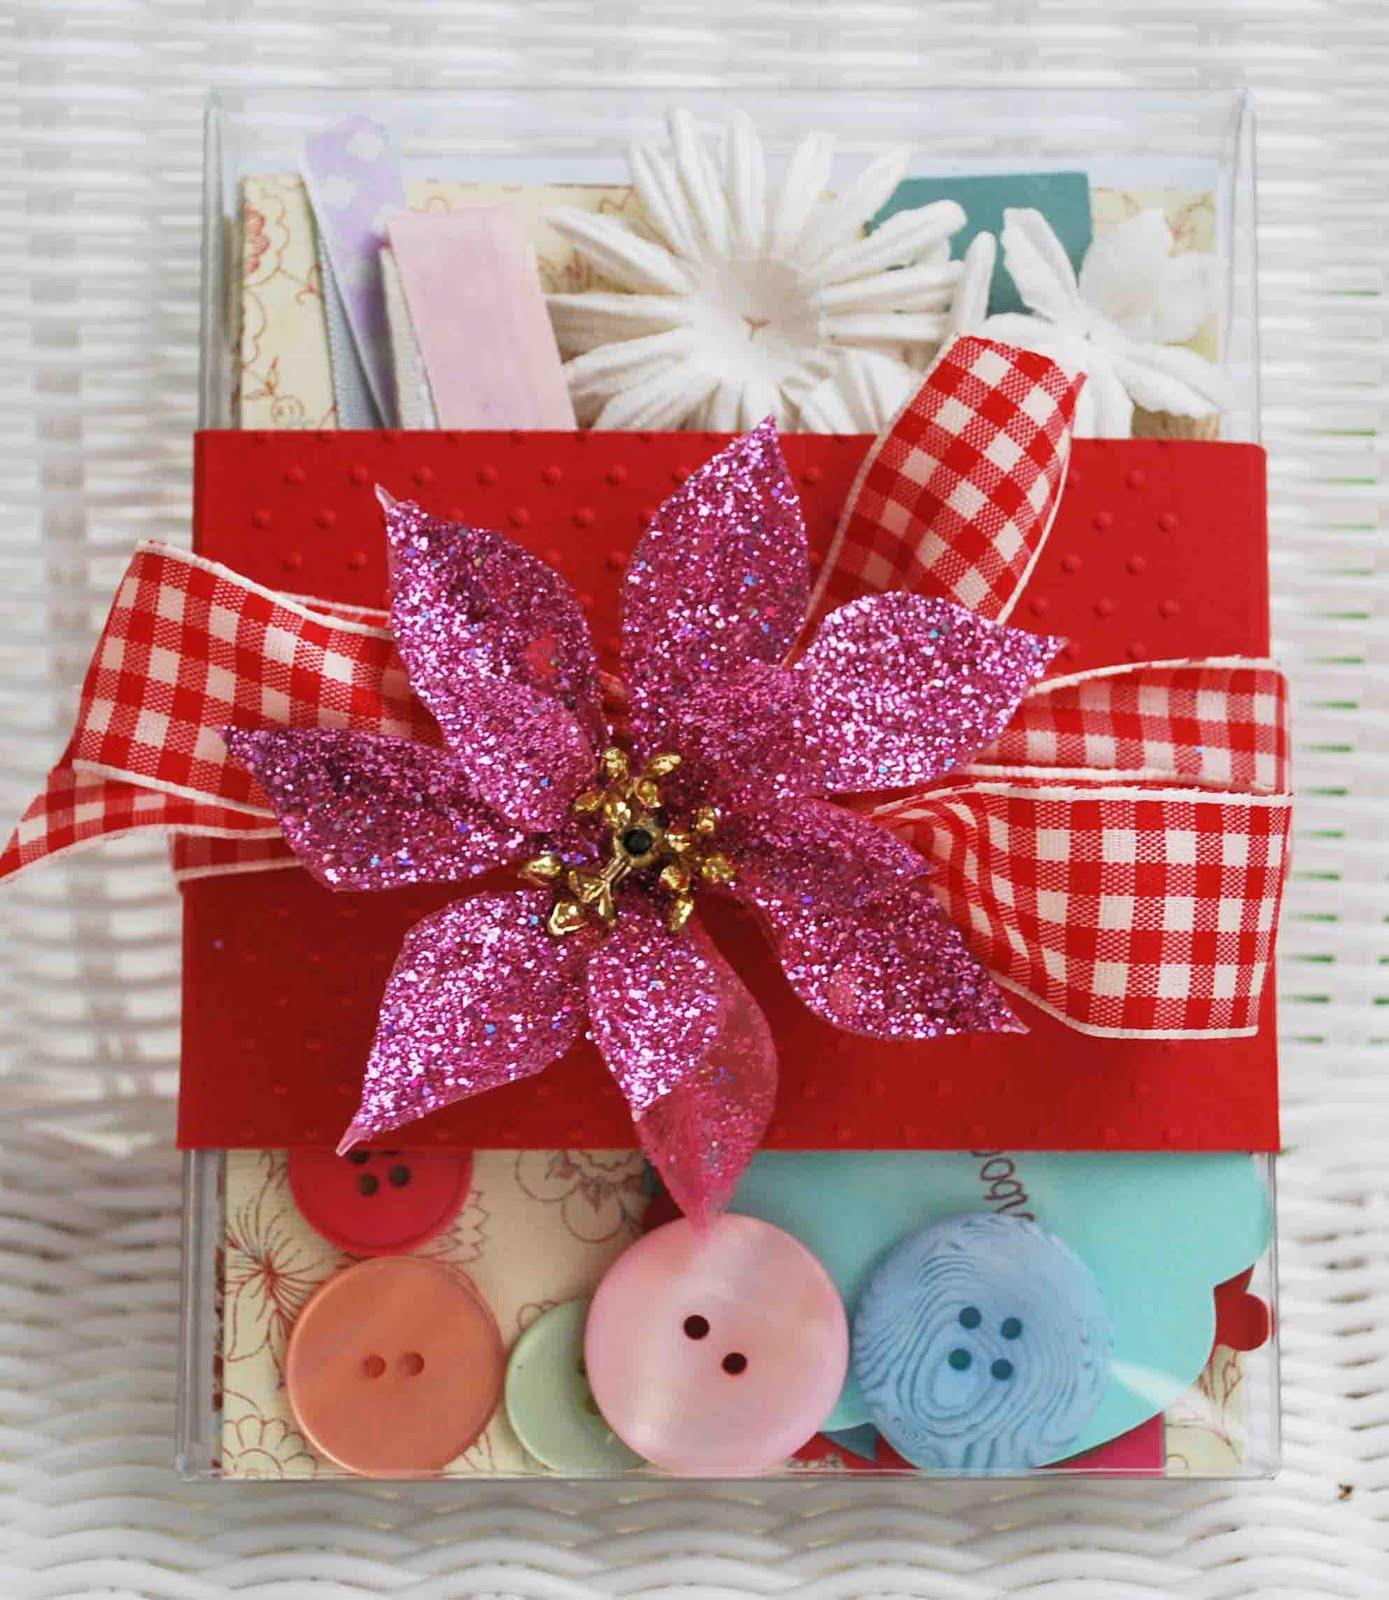 http://2.bp.blogspot.com/_jjUkApPWLlA/SxRHFqD9oiI/AAAAAAAABVU/vXBmMMG4diY/s1600/dcruchallenge17-ambergoble.jpg